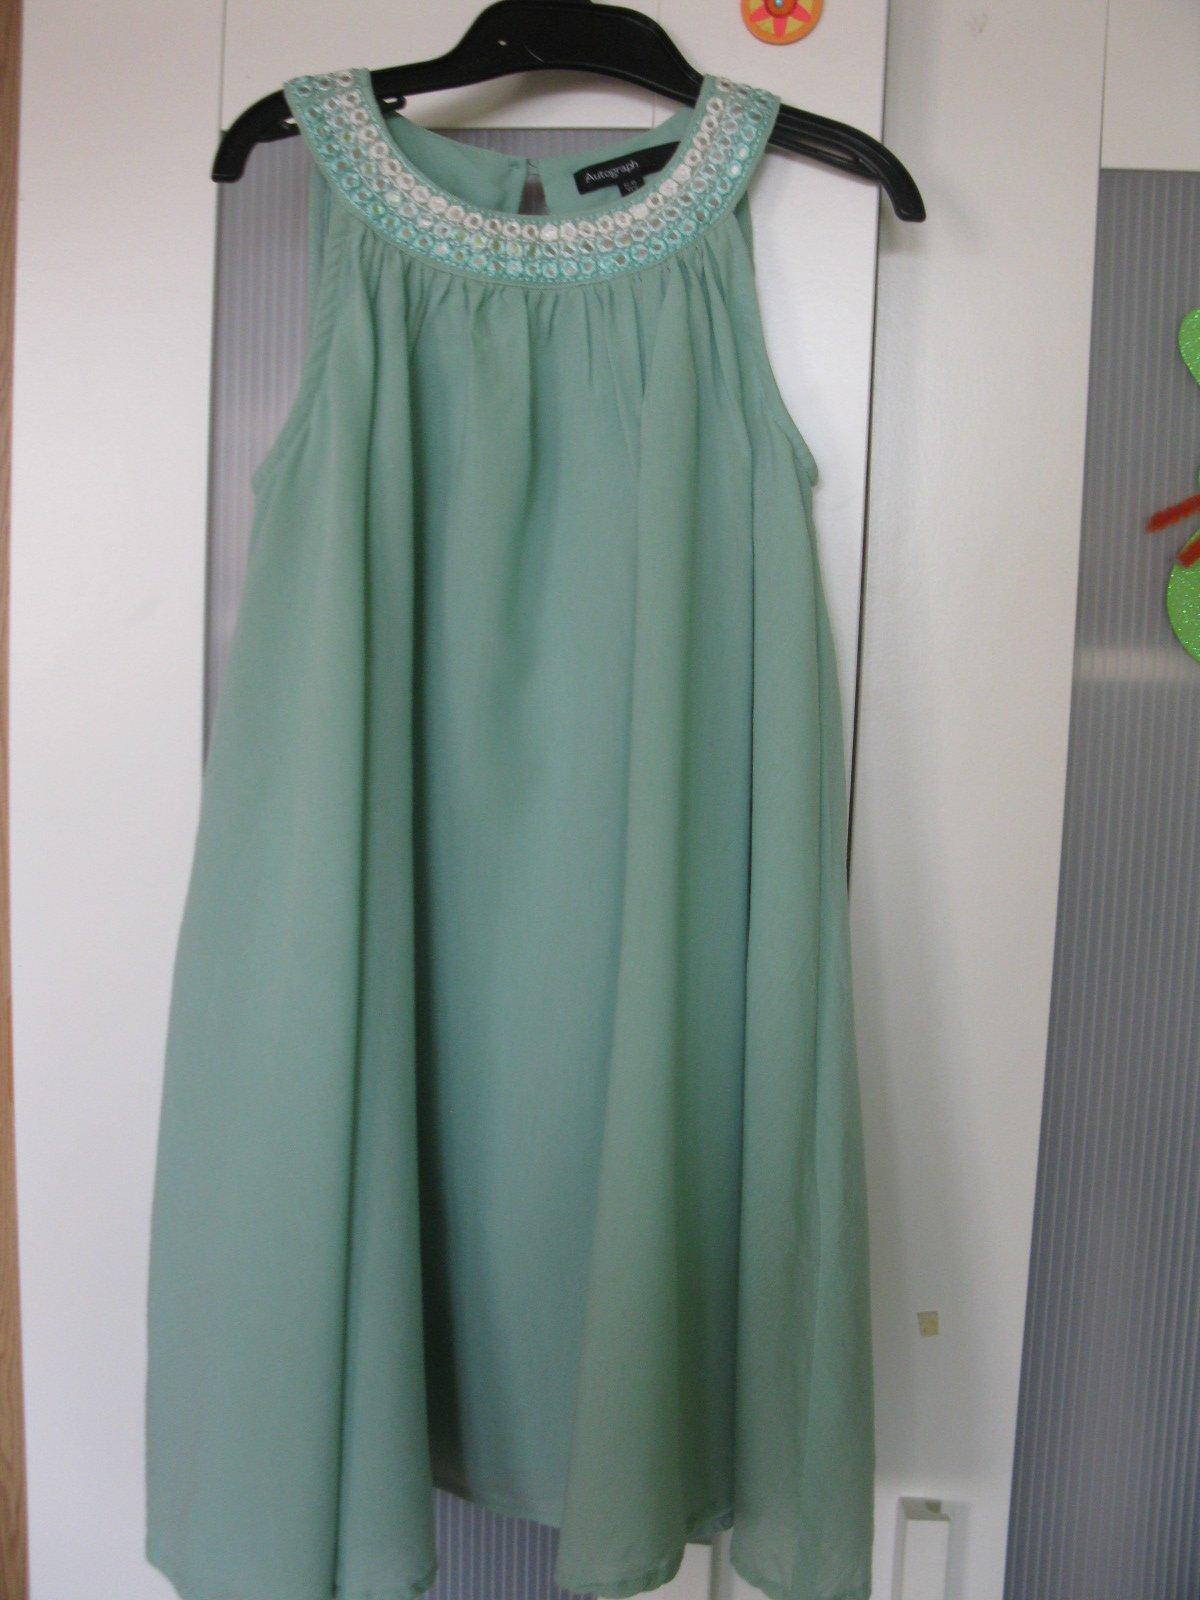 Sváteční šaty - Obrázek č. 1